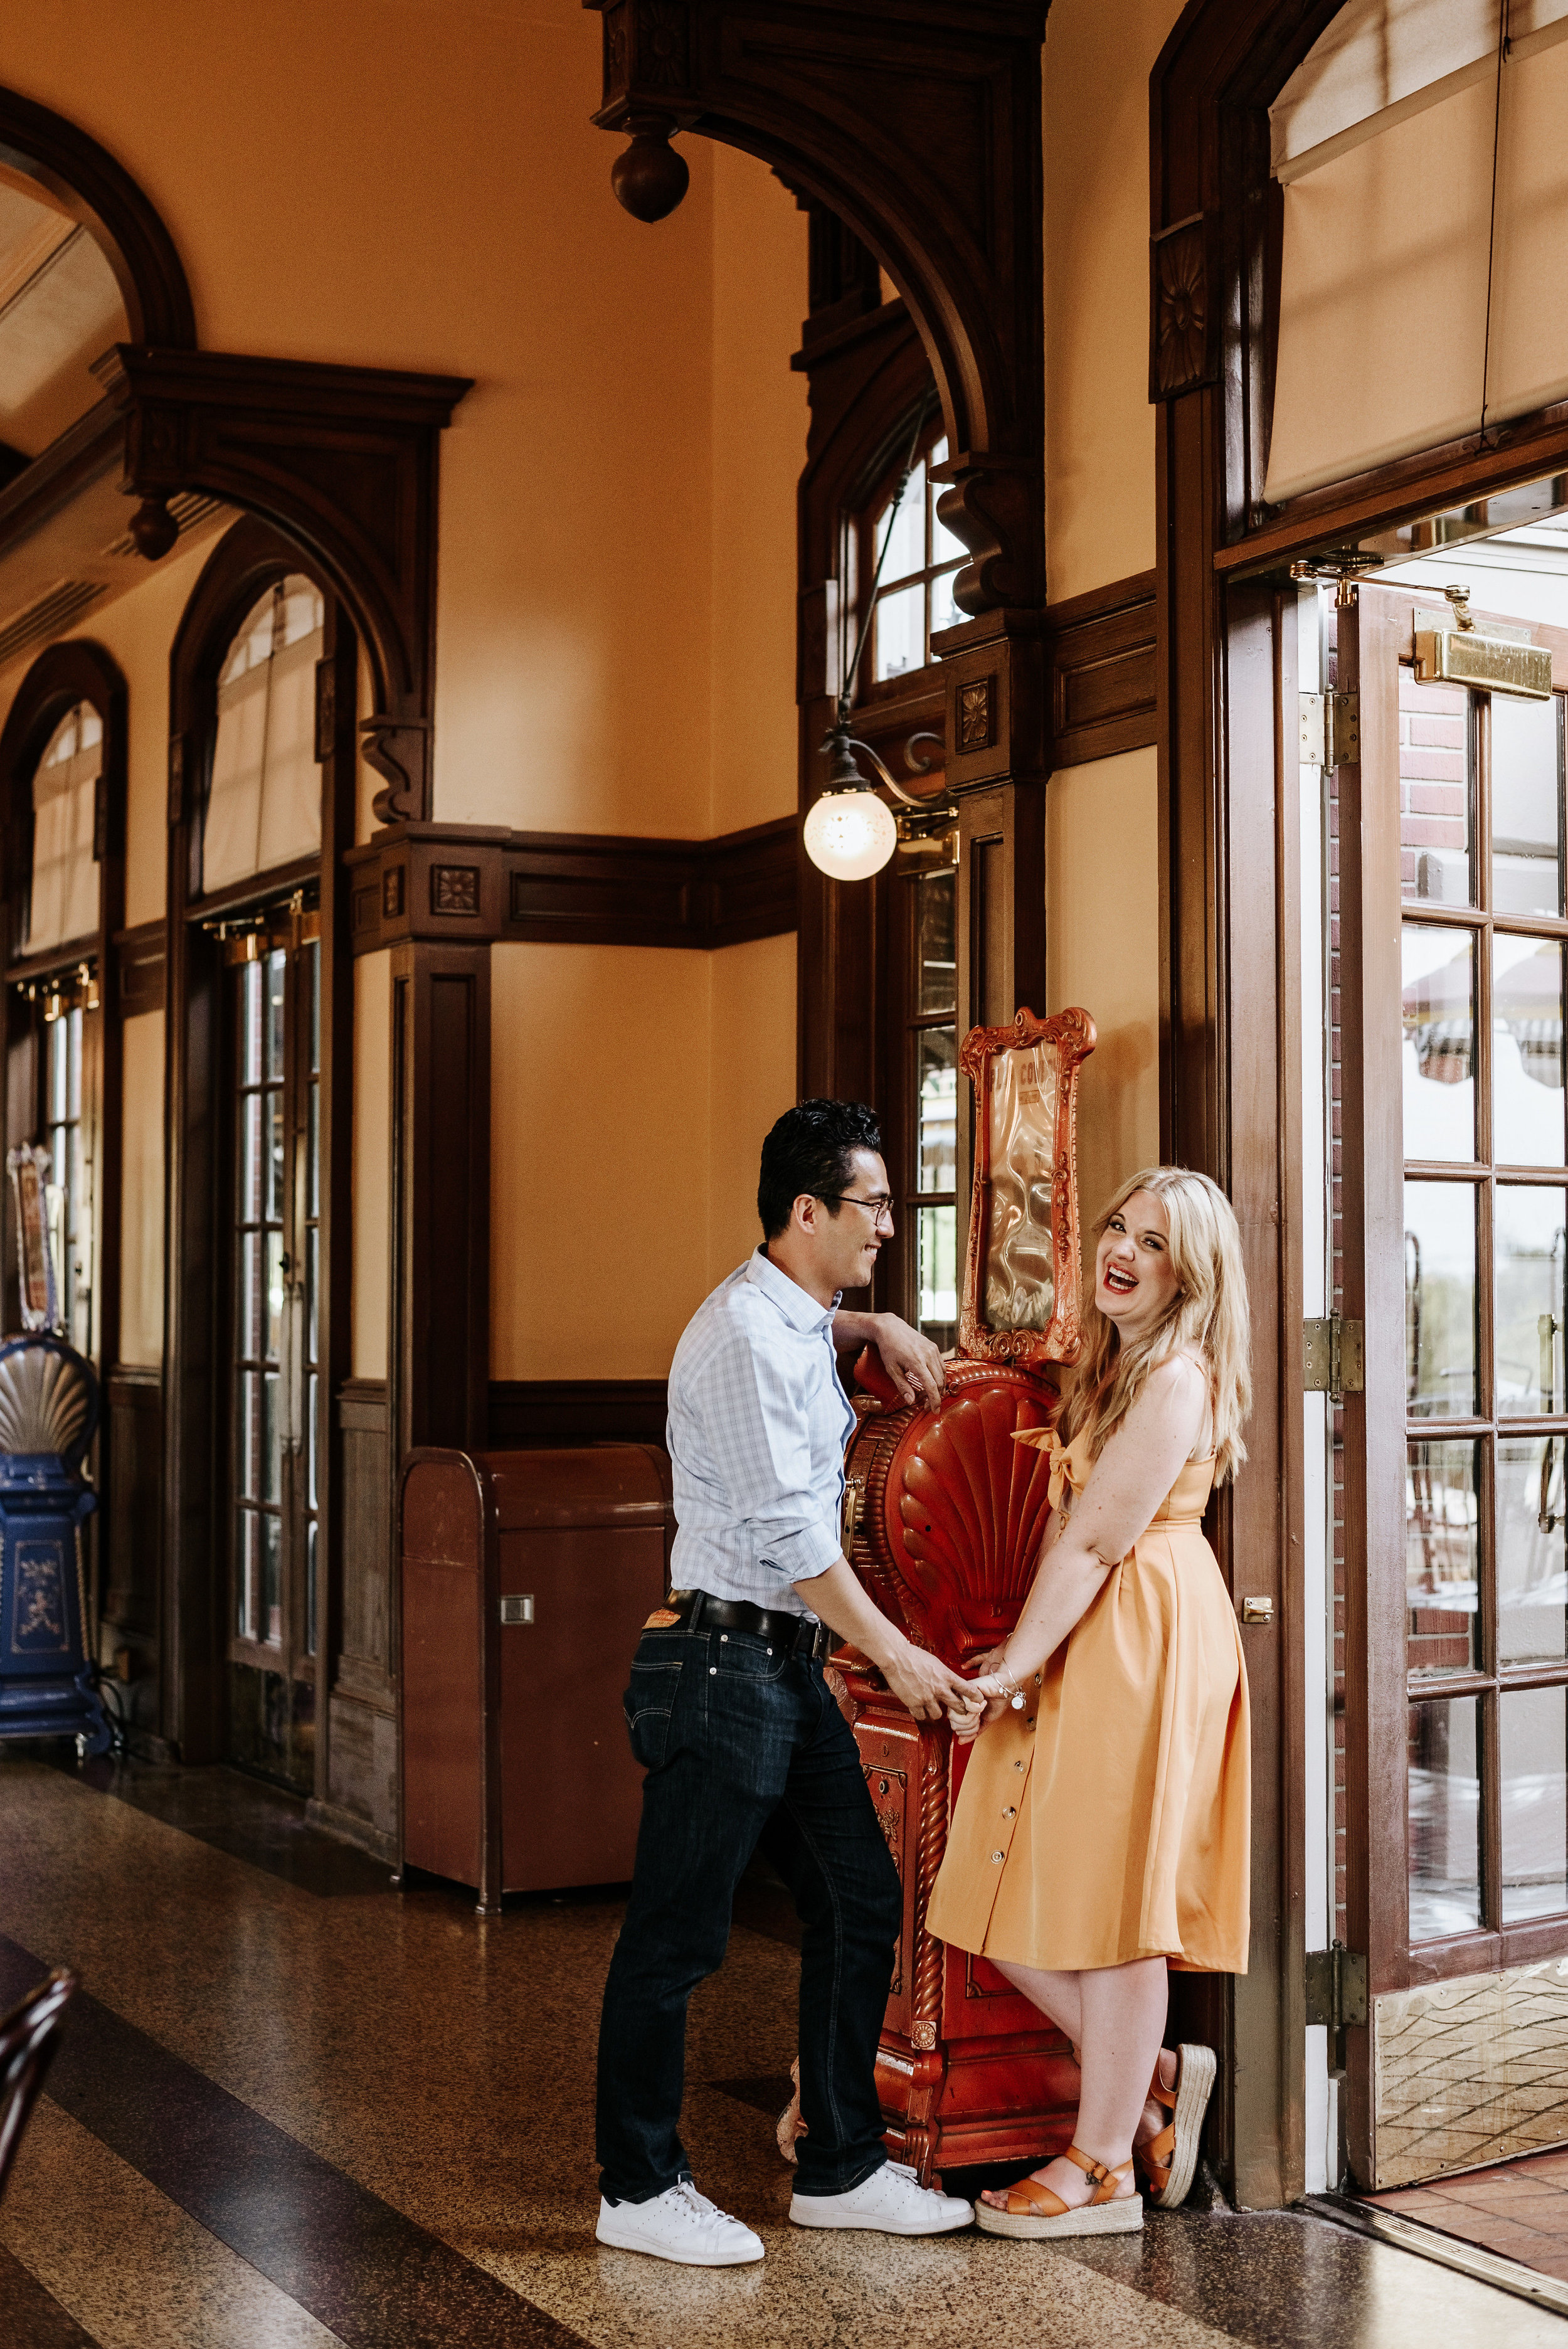 Kelsey_John_Disney_Magic_Kingdom_Engagement_Session_Orlando_Florida_Wedding_Photography_by_V_2104.jpg